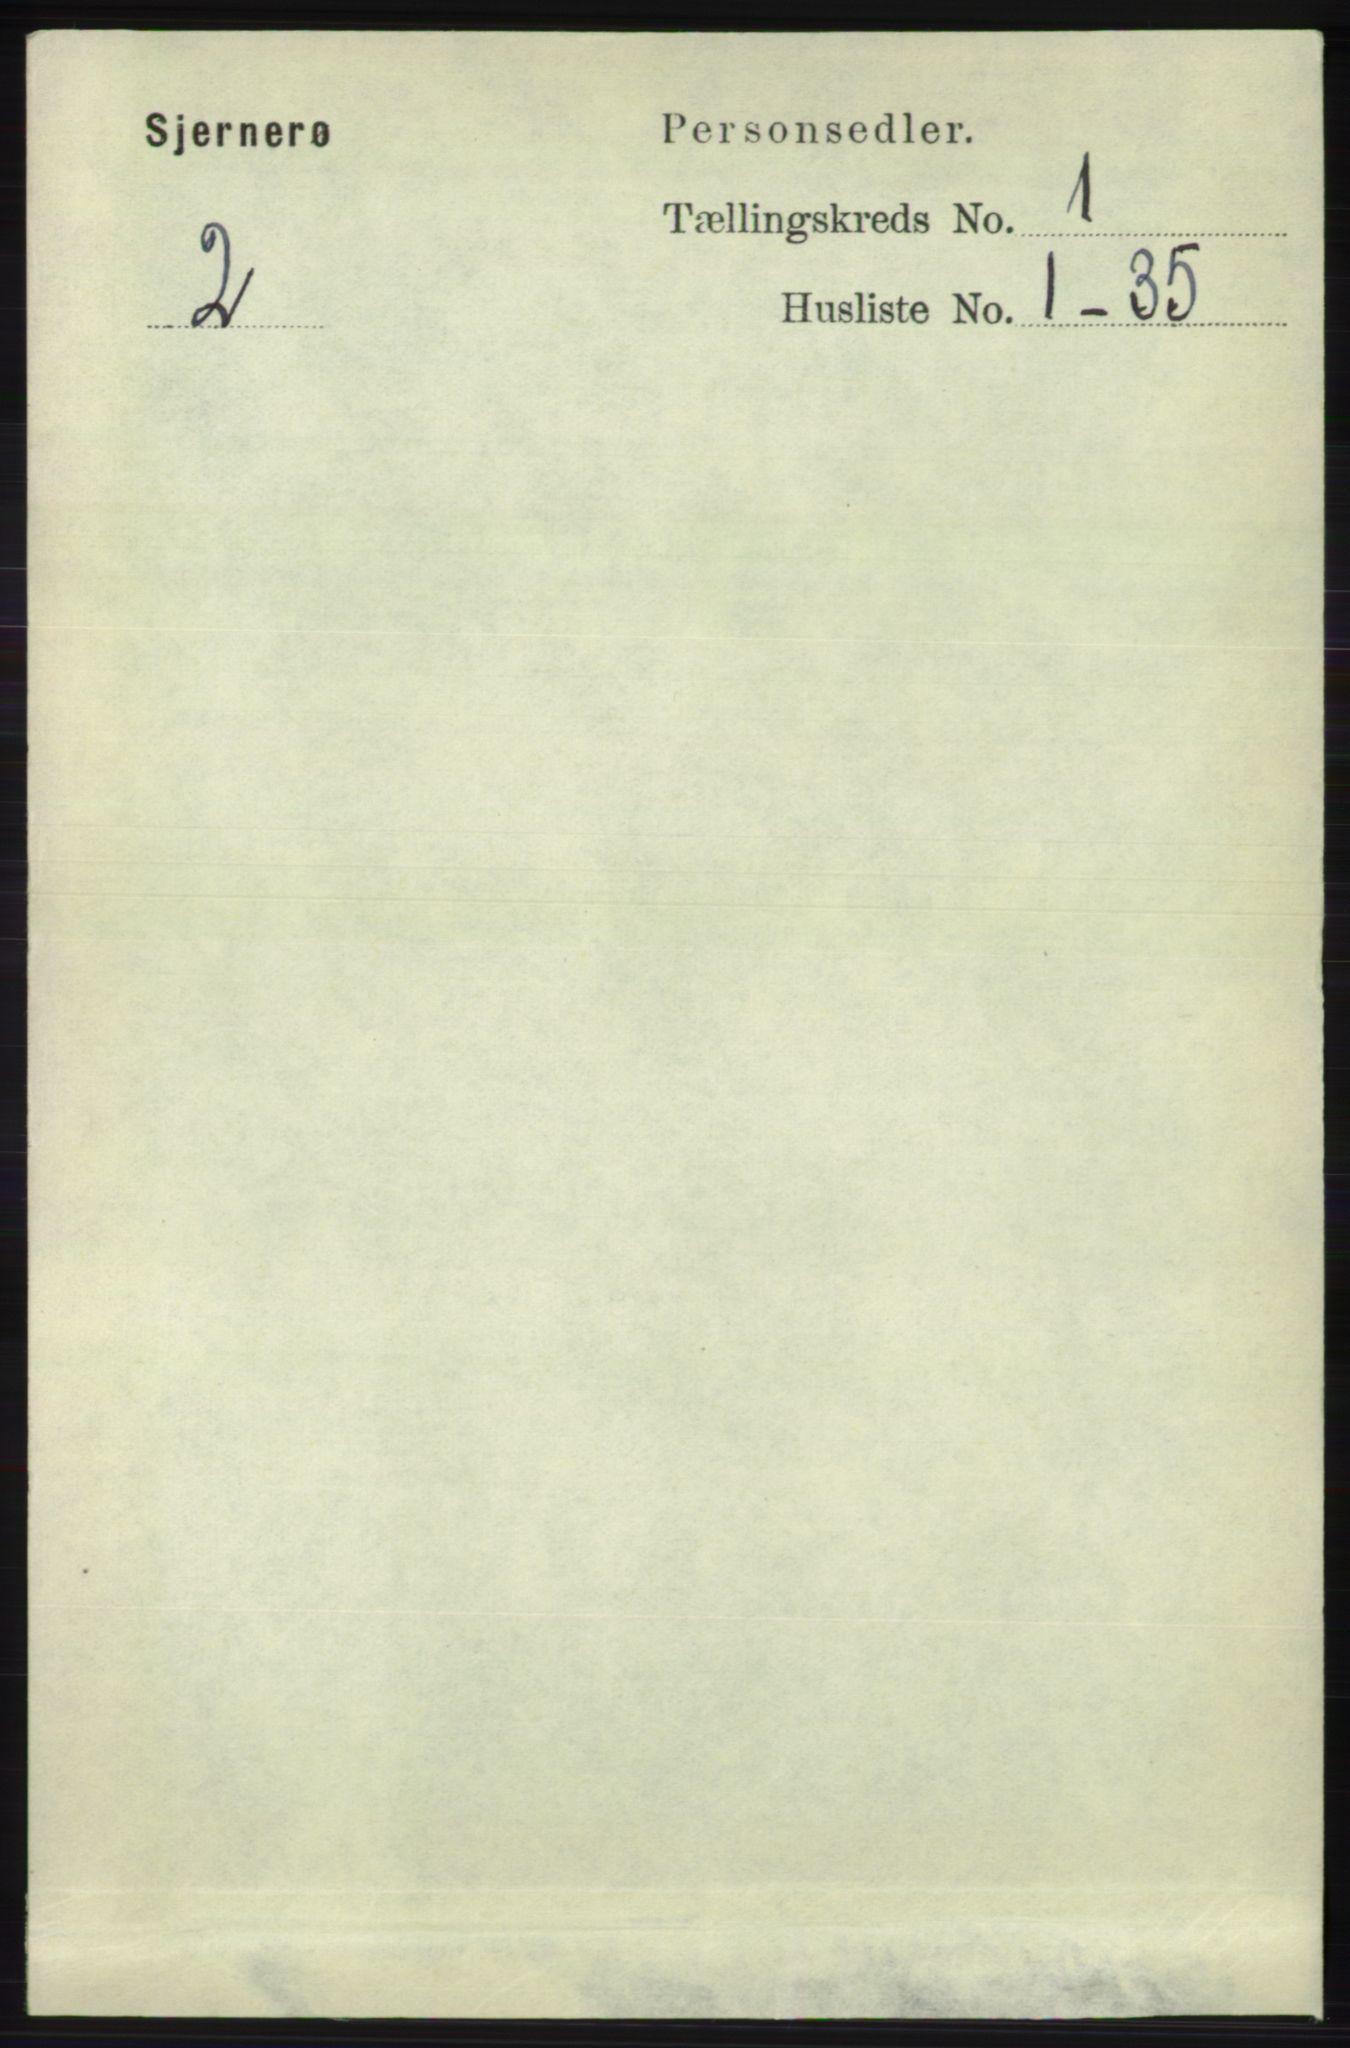 RA, Folketelling 1891 for 1140 Sjernarøy herred, 1891, s. 52